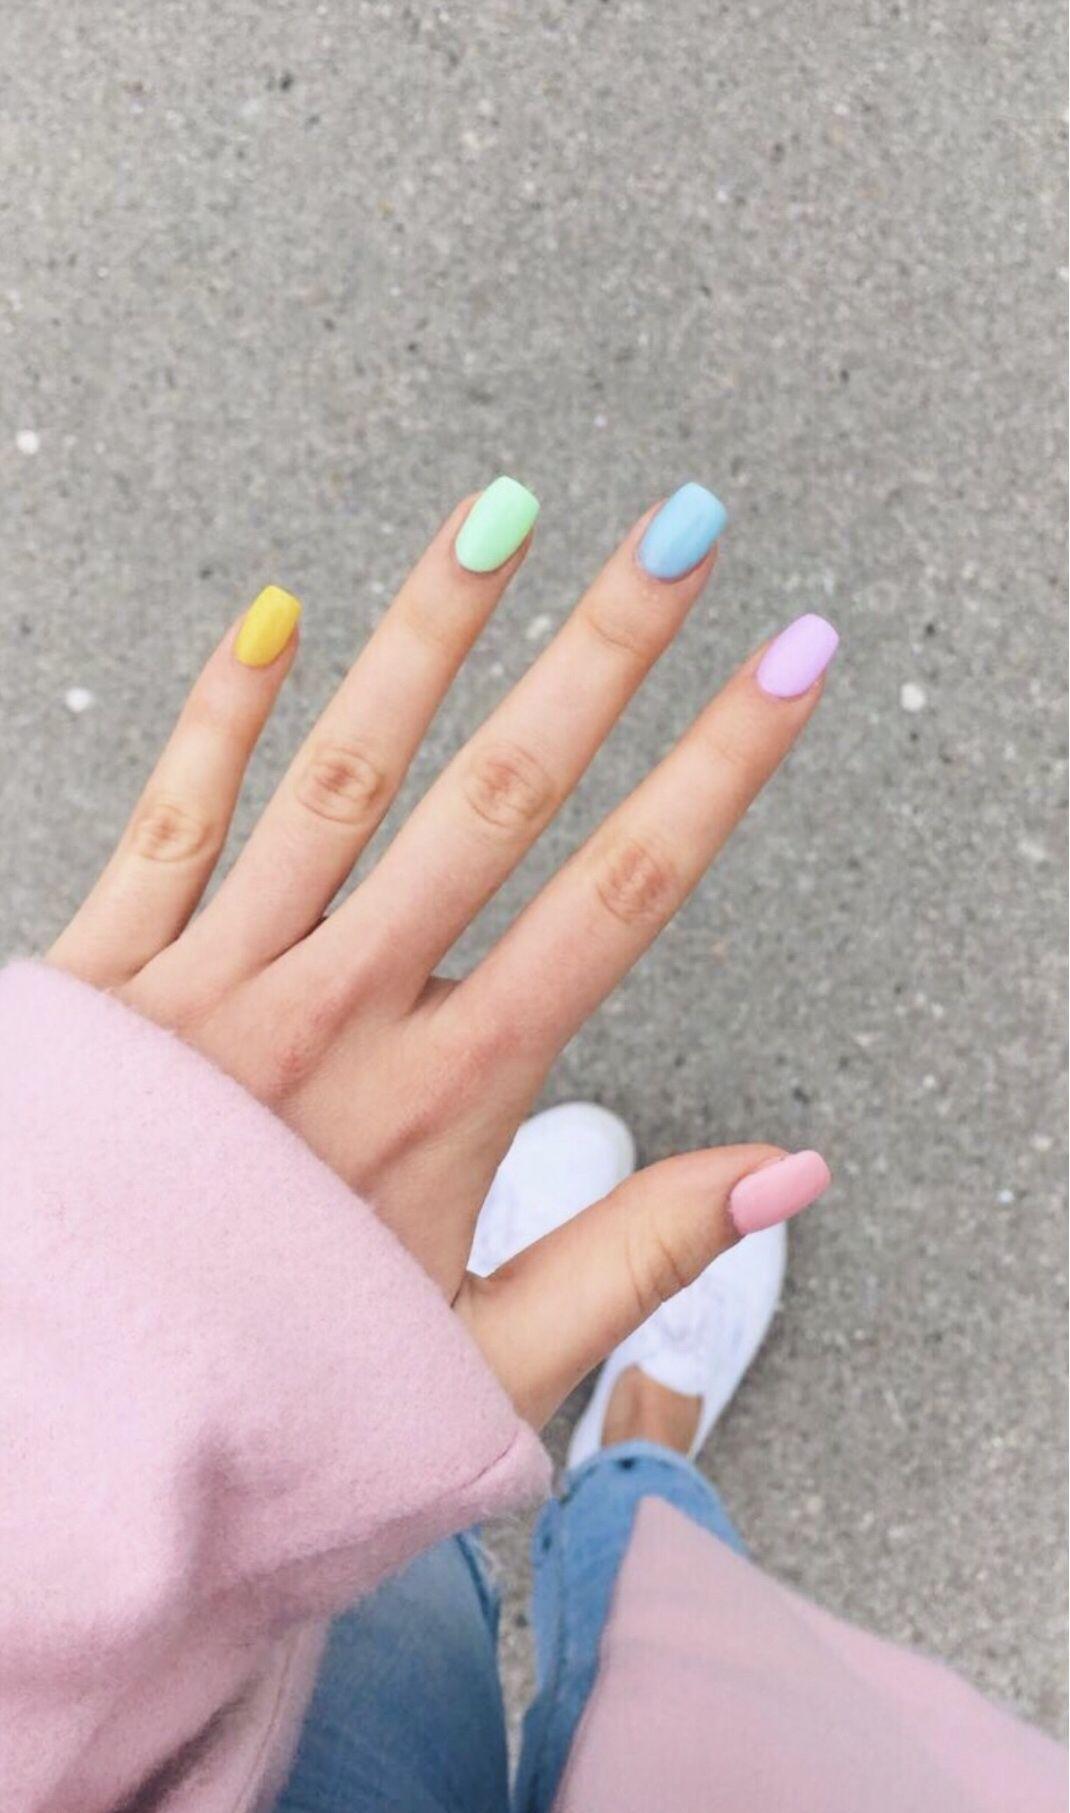 χρωματιστά νύχια_σε_παστέλ_χρώματα_